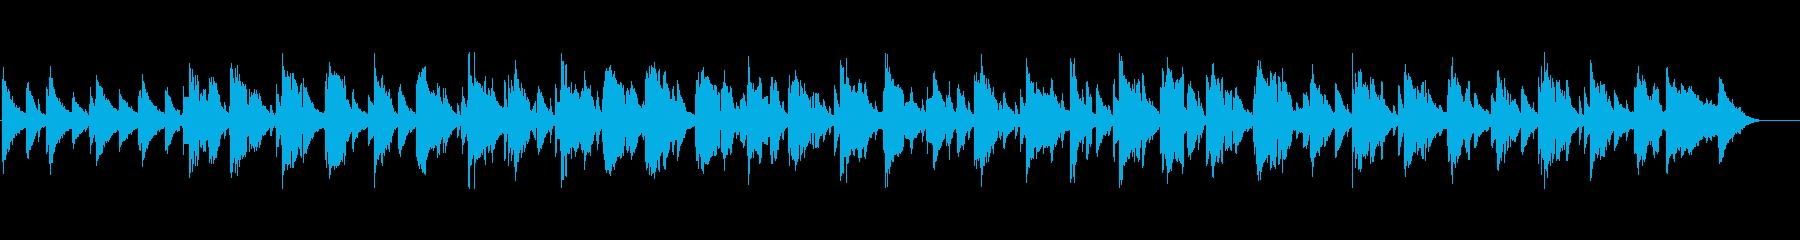 思い出と静かなプロポーズ/ジャズバラードの再生済みの波形